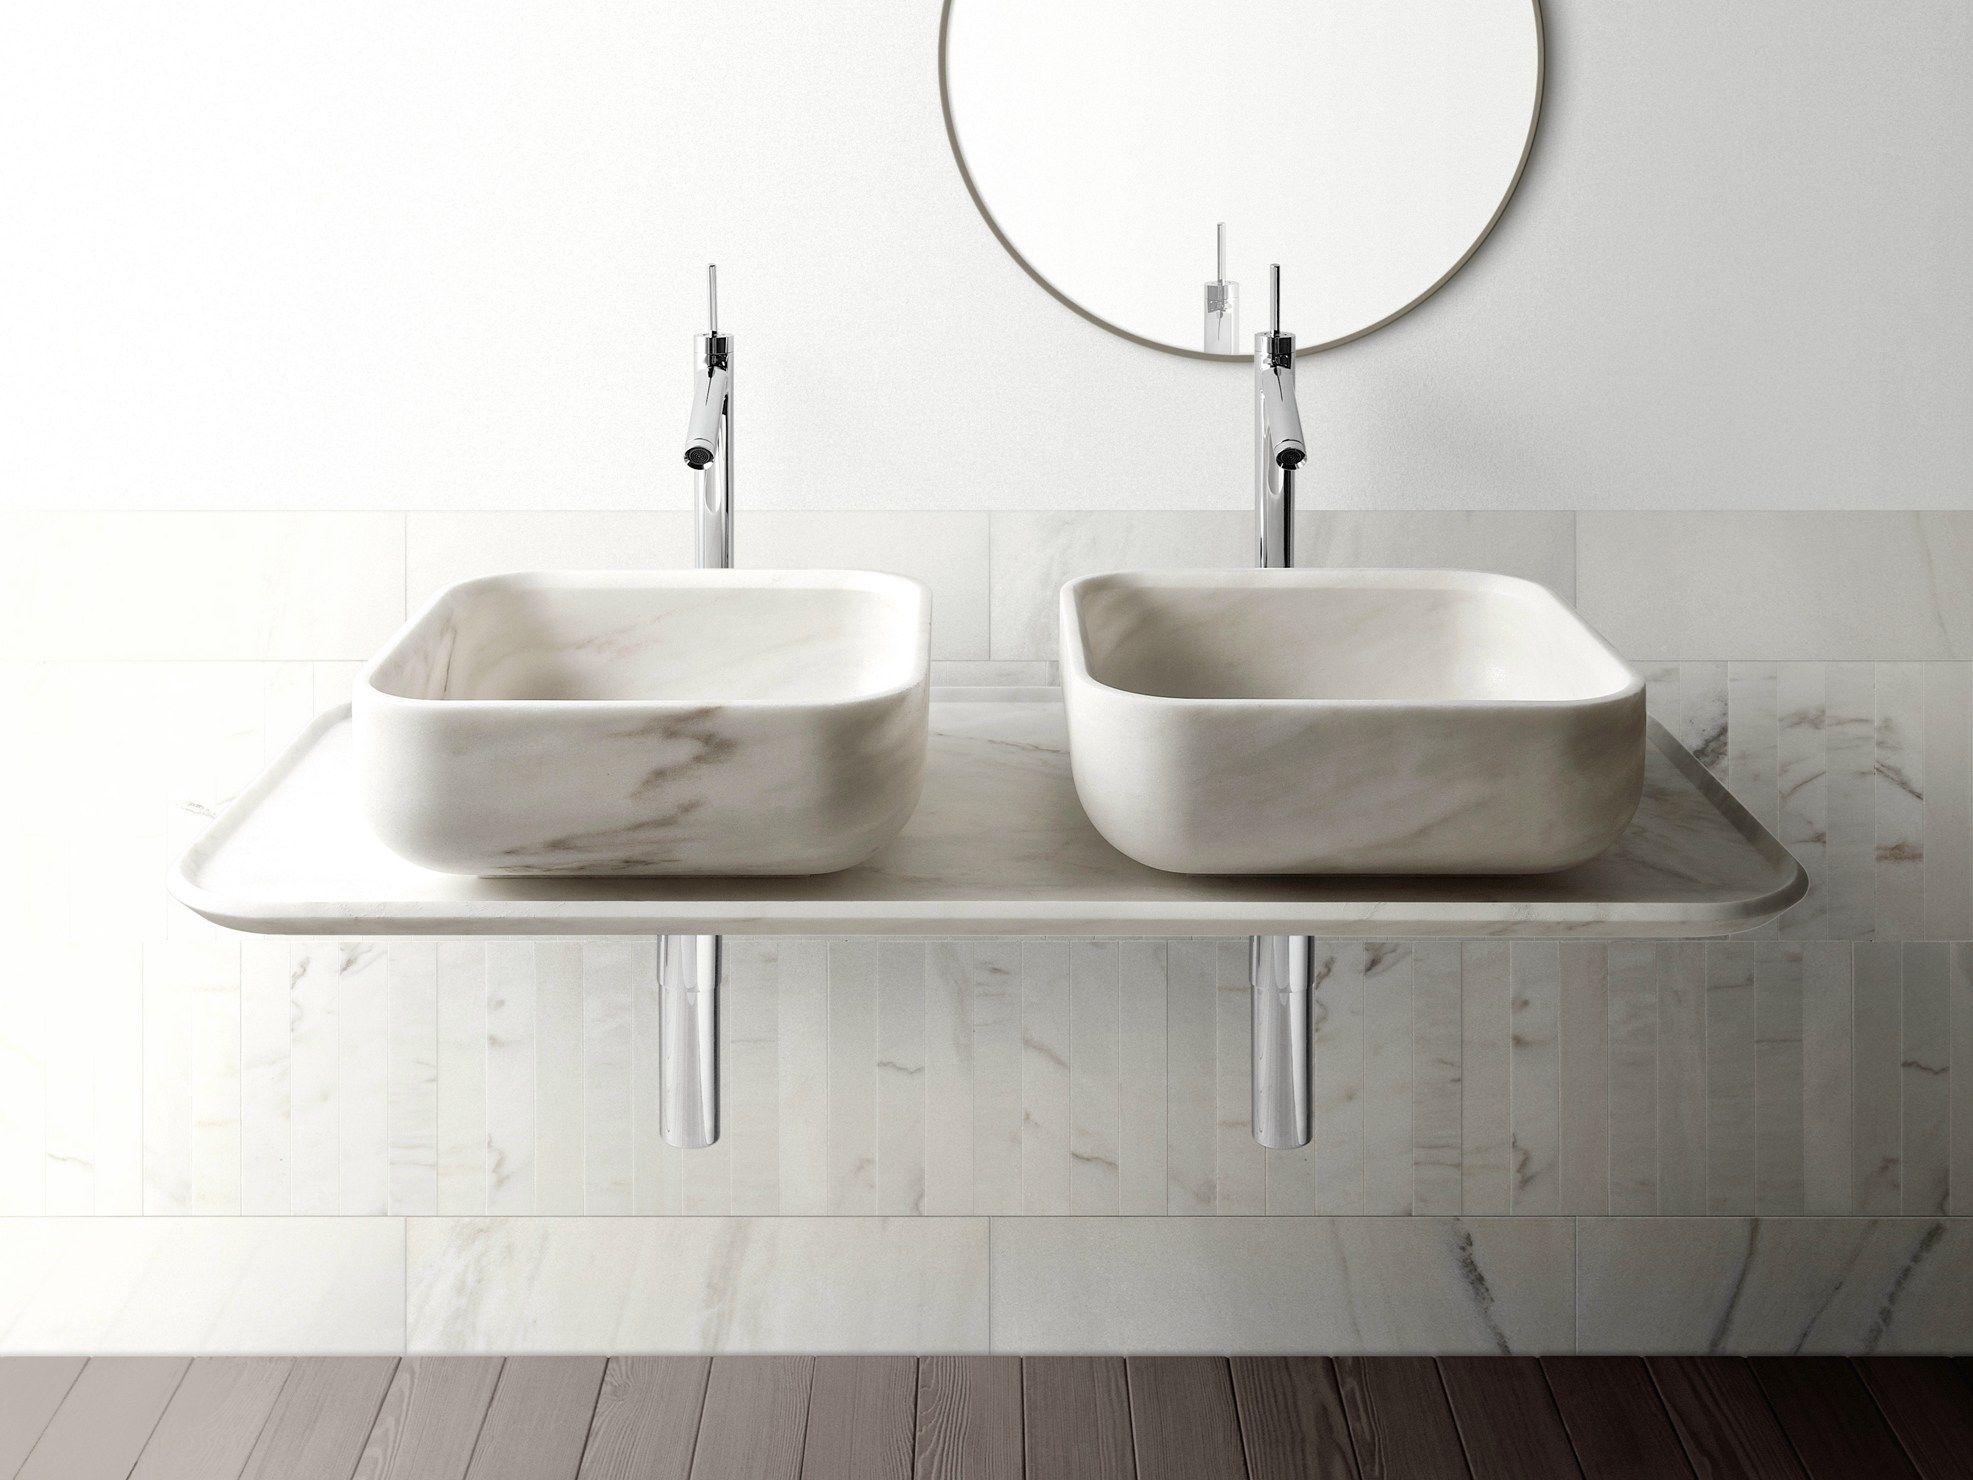 Lavabo sobre encimera cuadrado de m rmol bowl n 3 - Encimeras de marmol para lavabos ...